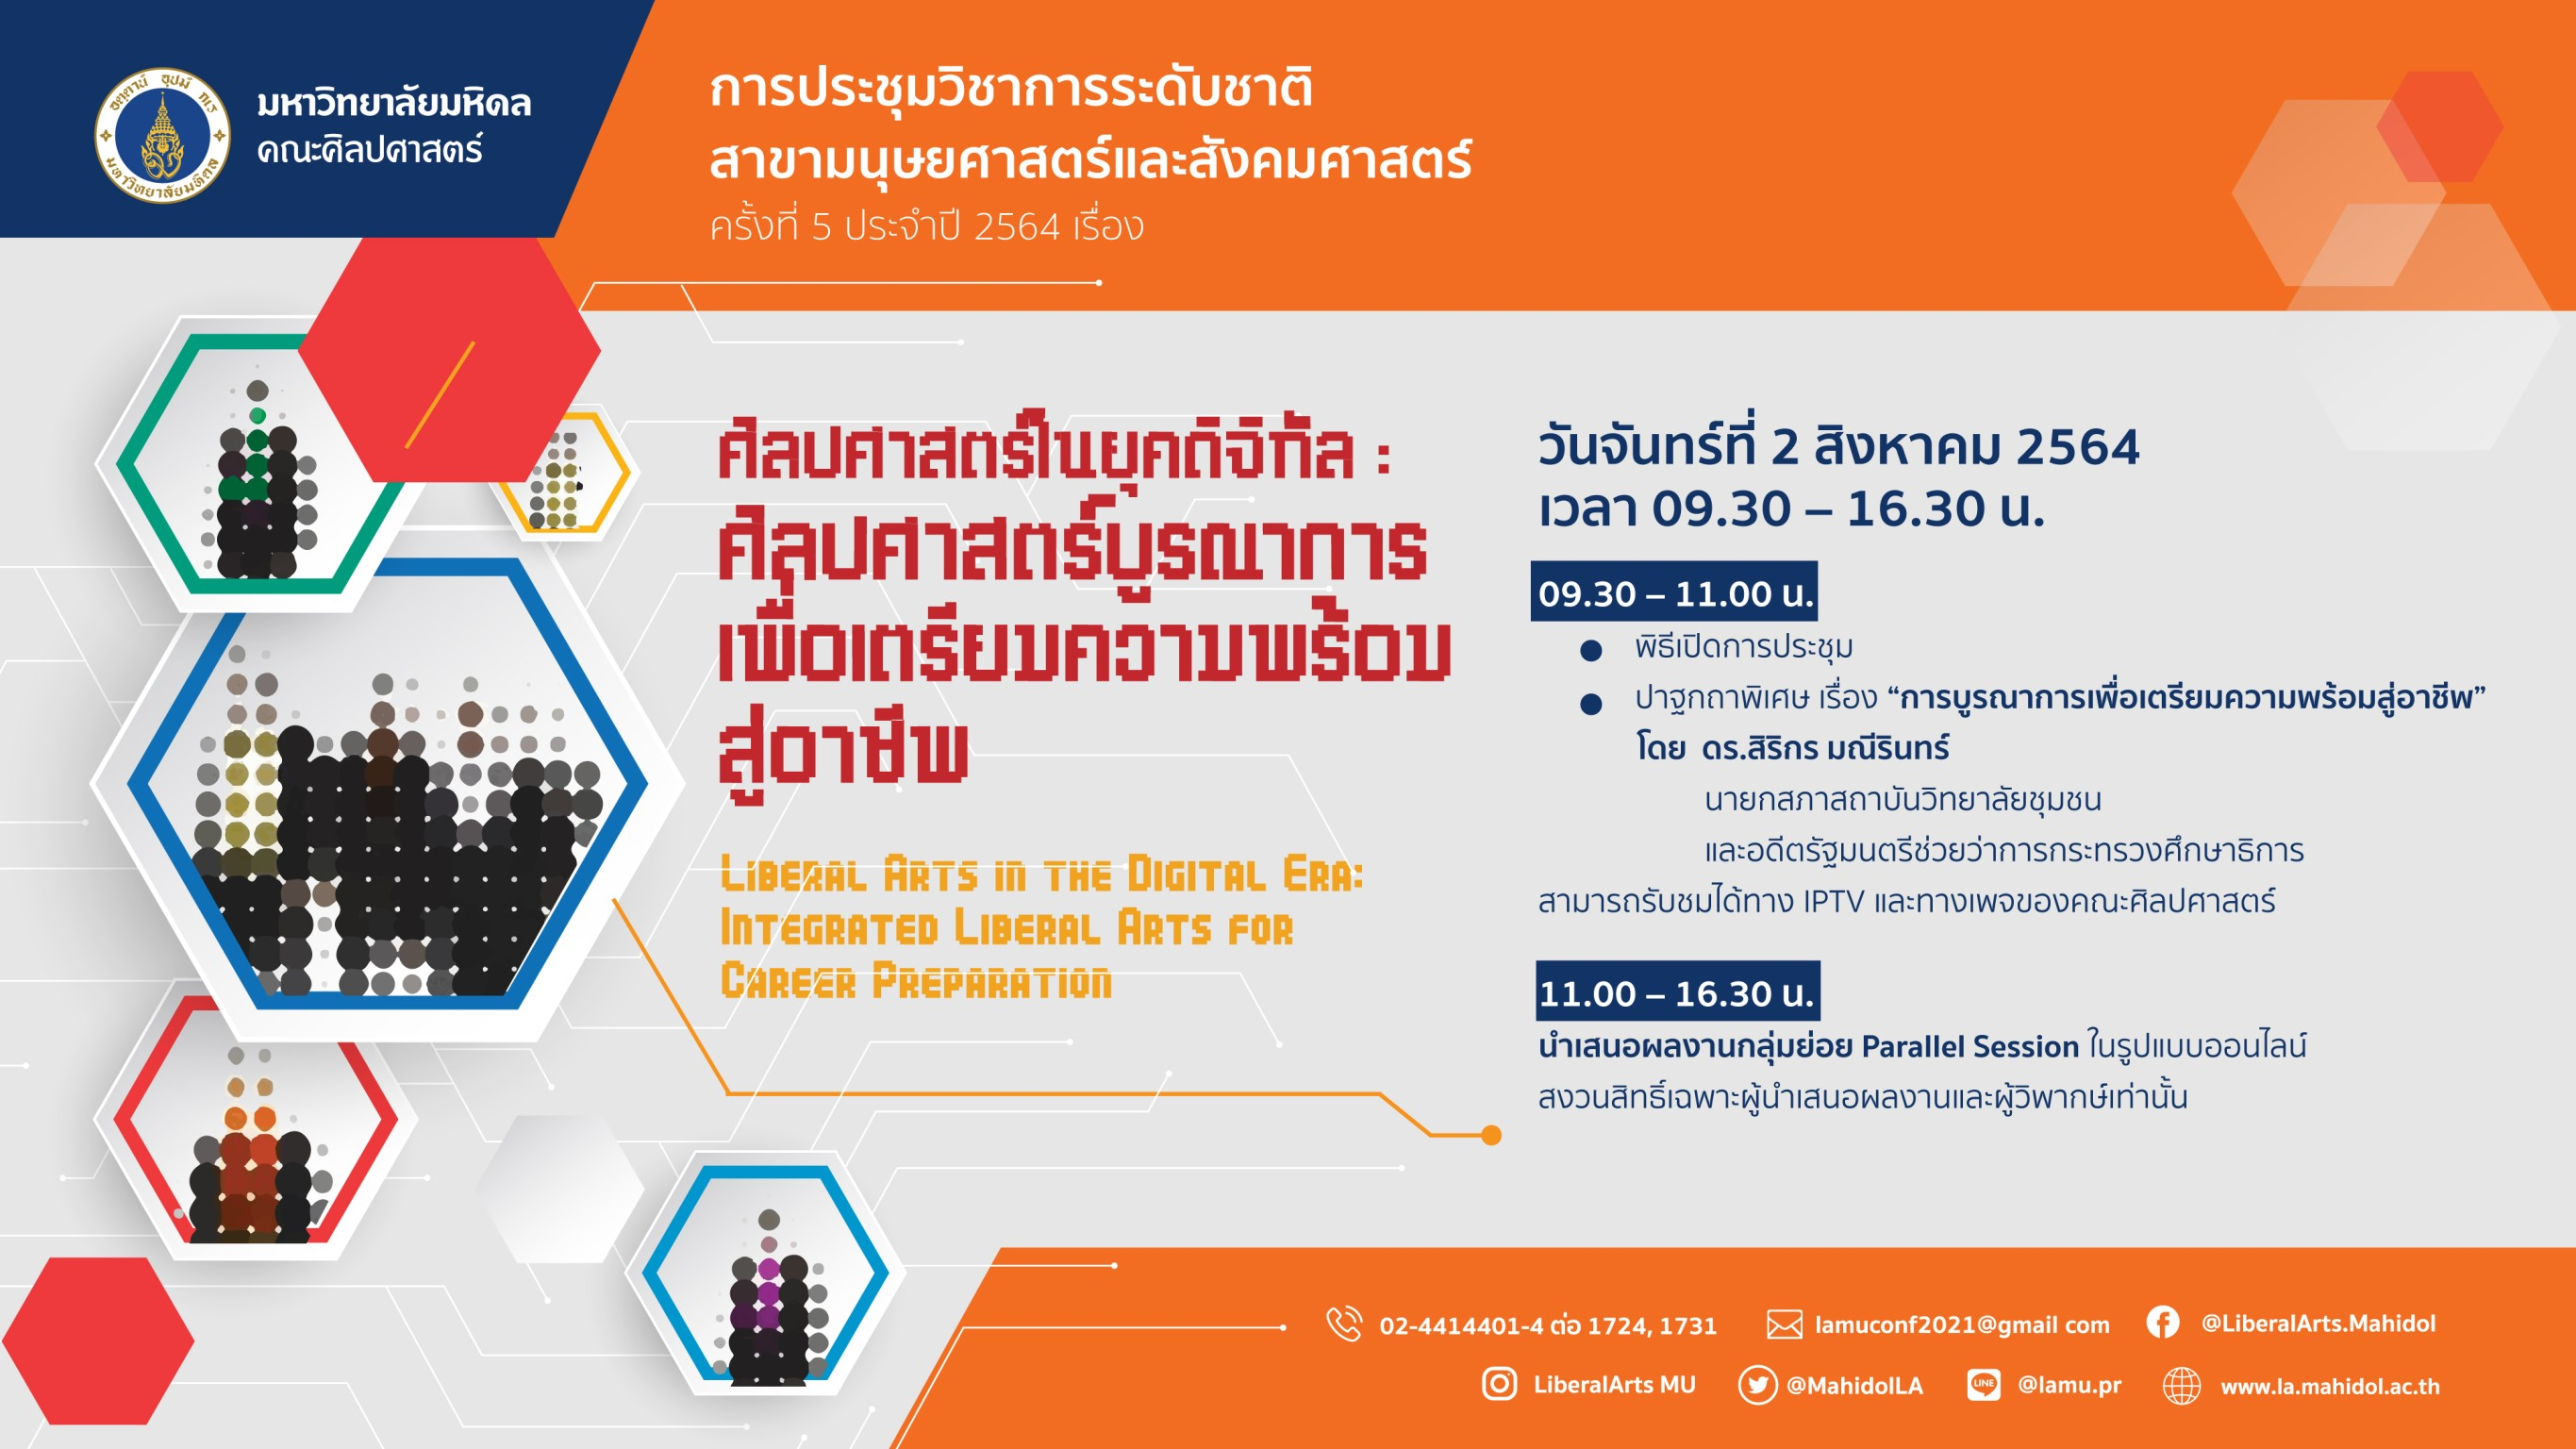 """การประชุมวิชาการระดับชาติ สาขามนุษยศาสตร์และสังคมศาสตร์ ครั้งที่ 5 ประจำปี 2564  เรื่อง """"ศิลปศาสตร์ในยุคดิจิทัล: ศิลปศาสตร์บูรณาการเพื่อเตรียมความพร้อมสู่อาชีพ""""  (The 5th National Conference on Liberal Arts in the Digital Era: Integrated Liberal Arts for Career Preparation) @ คณะศิลปศาสตร์"""